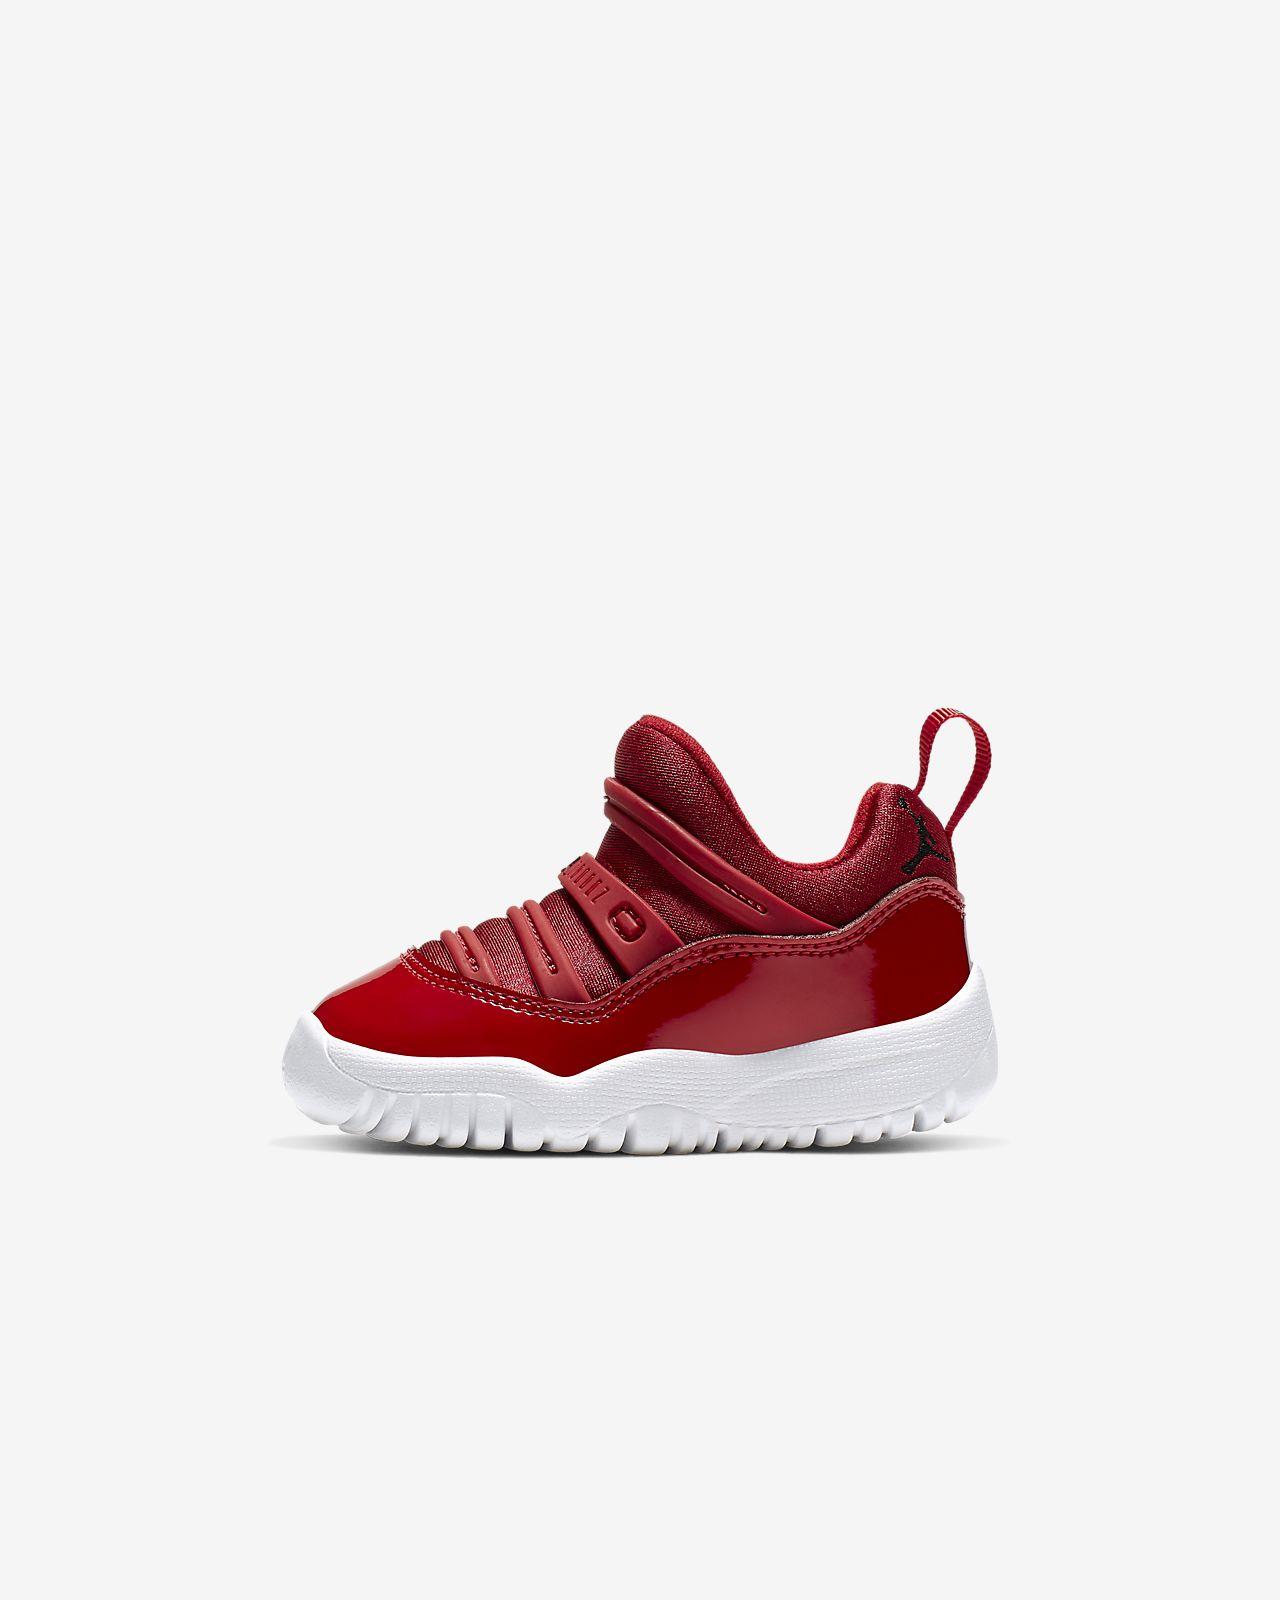 รองเท้าทารก/เด็กวัยหัดเดิน Air Jordan 11 Retro Little Flex